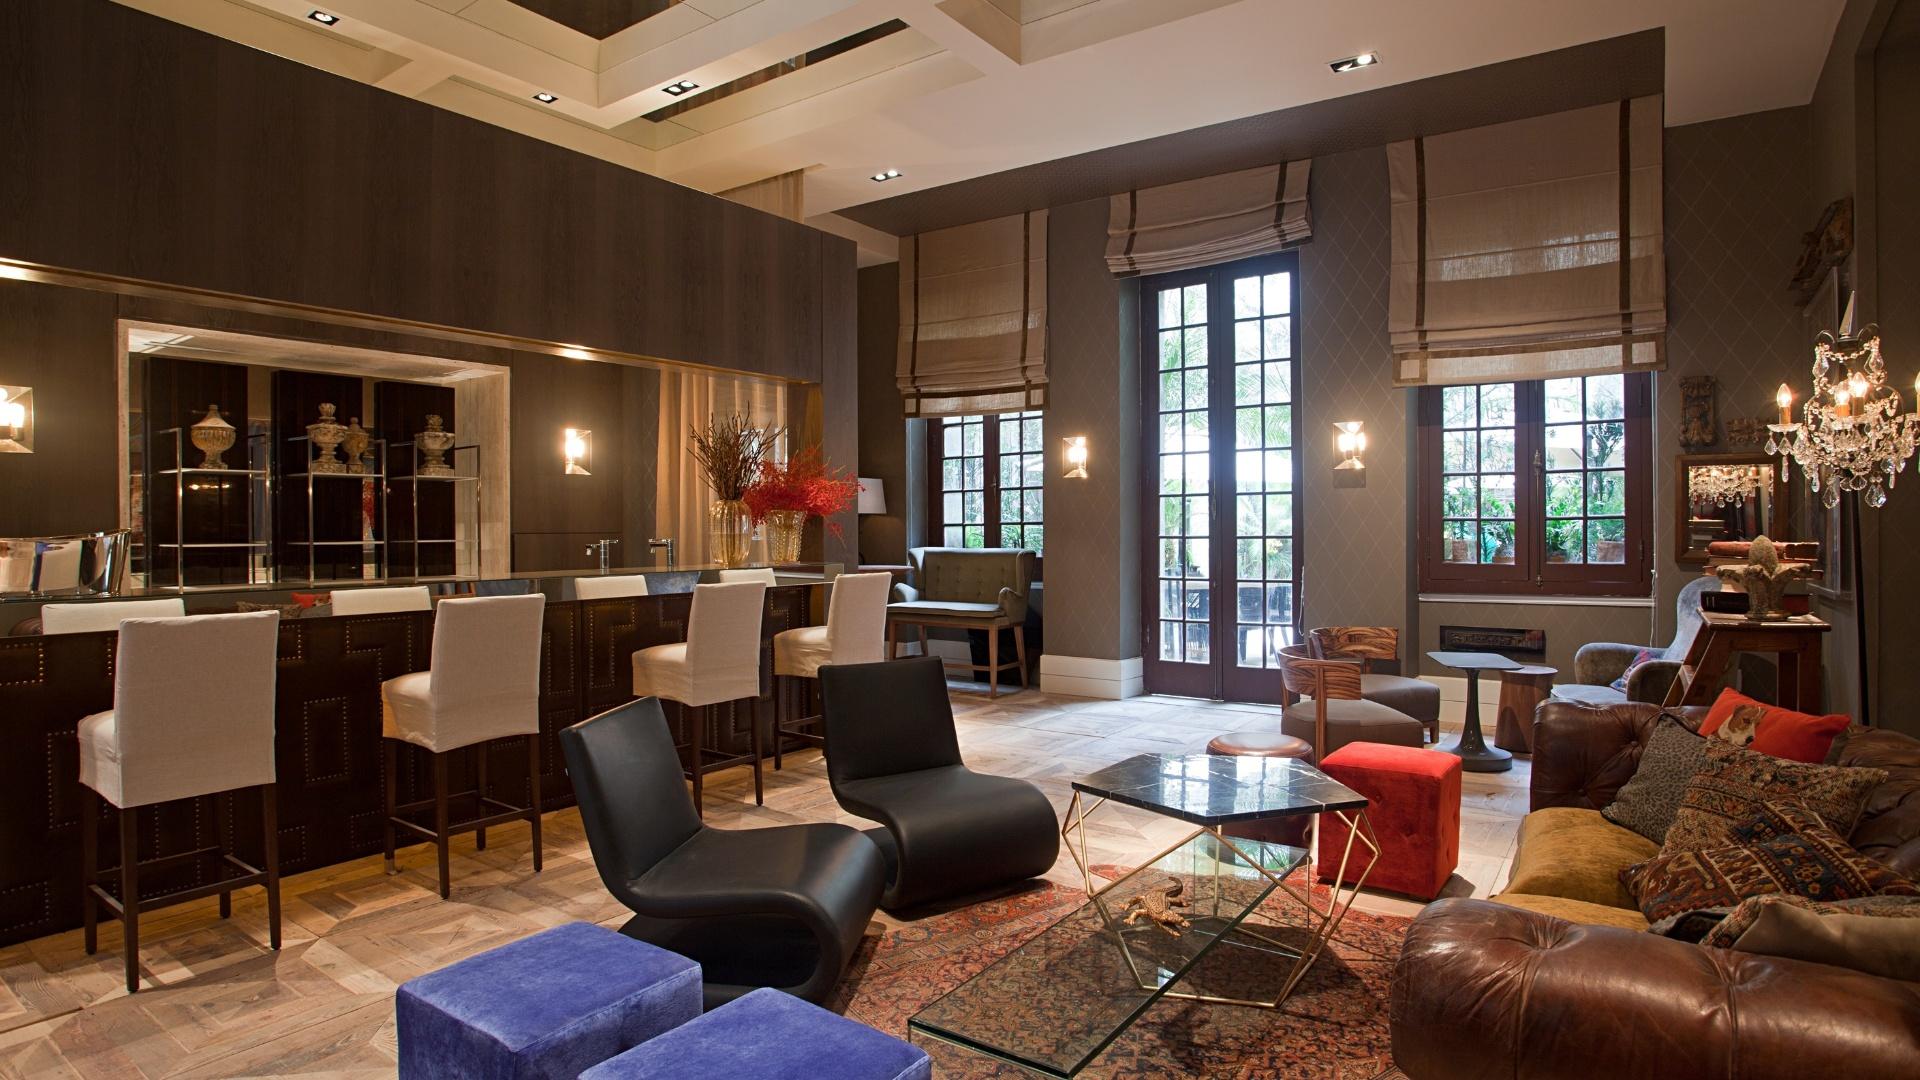 O Cocktail Bar, de Paola Pinheiro, tem como destaques um mix de fotografias e espelhos antigos nas paredes e o sofá estilo Chesterfield. A Casa Cor RJ vai de 03 de outubro a 19 de novembro de 2012, no Rio de Janeiro